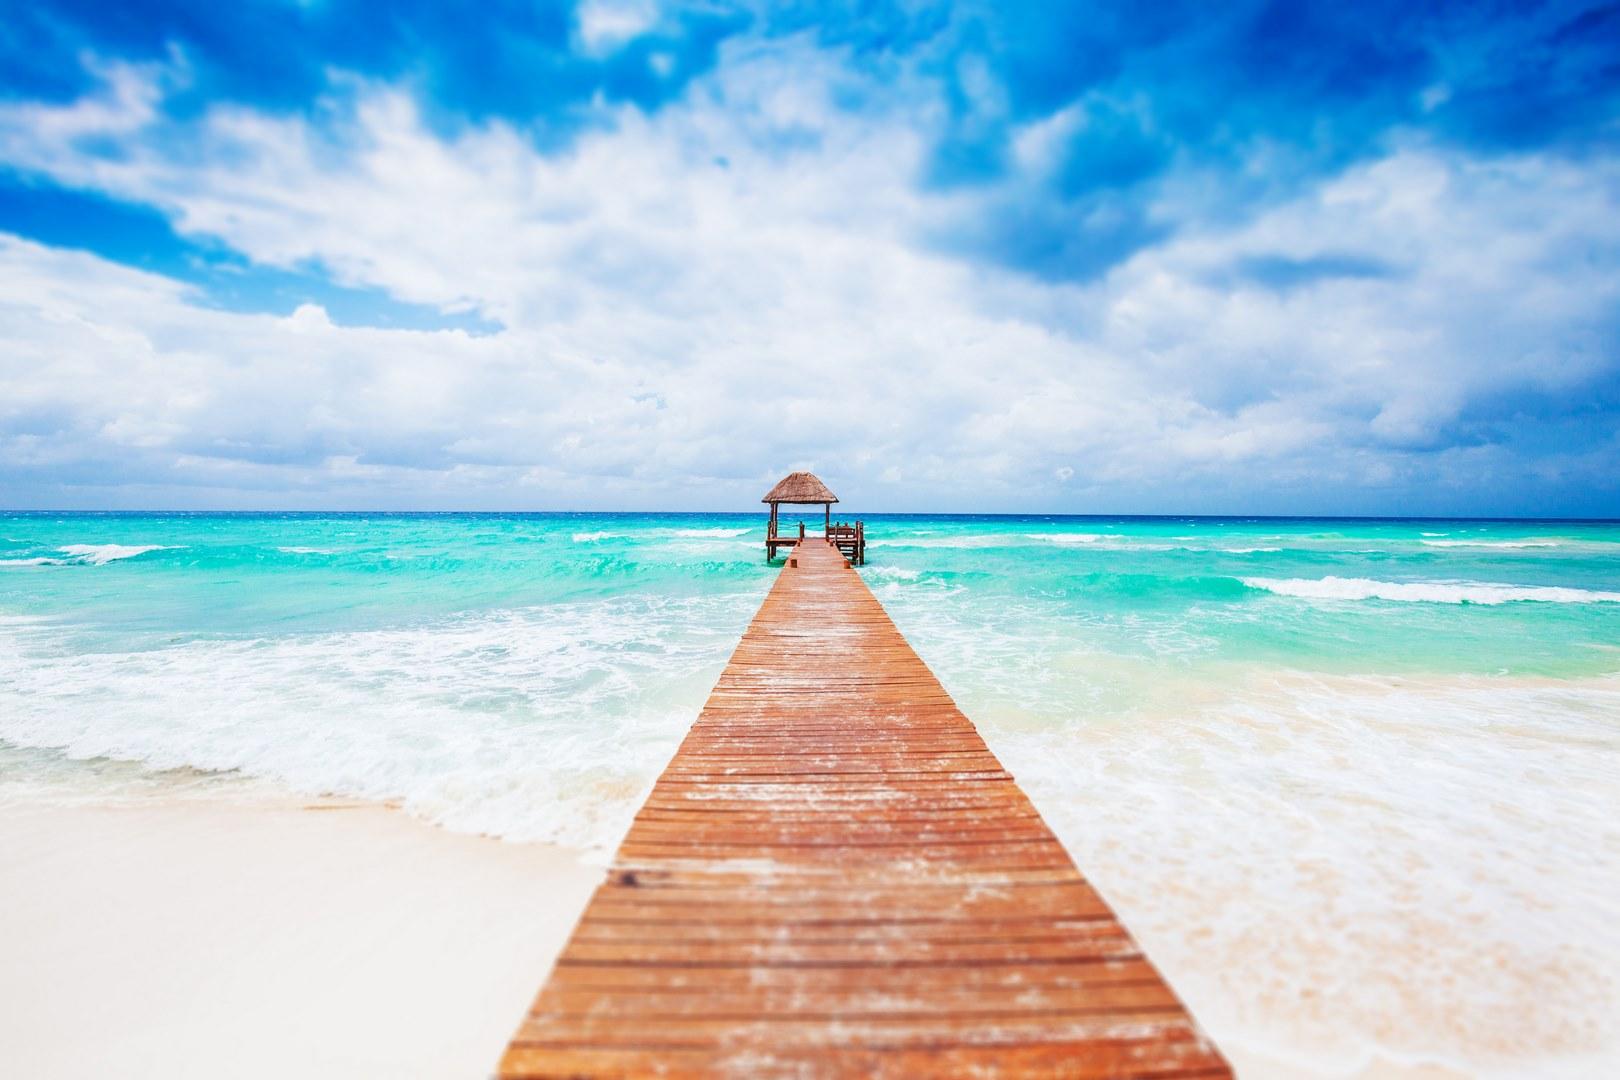 préparer votre voyage riviera maya